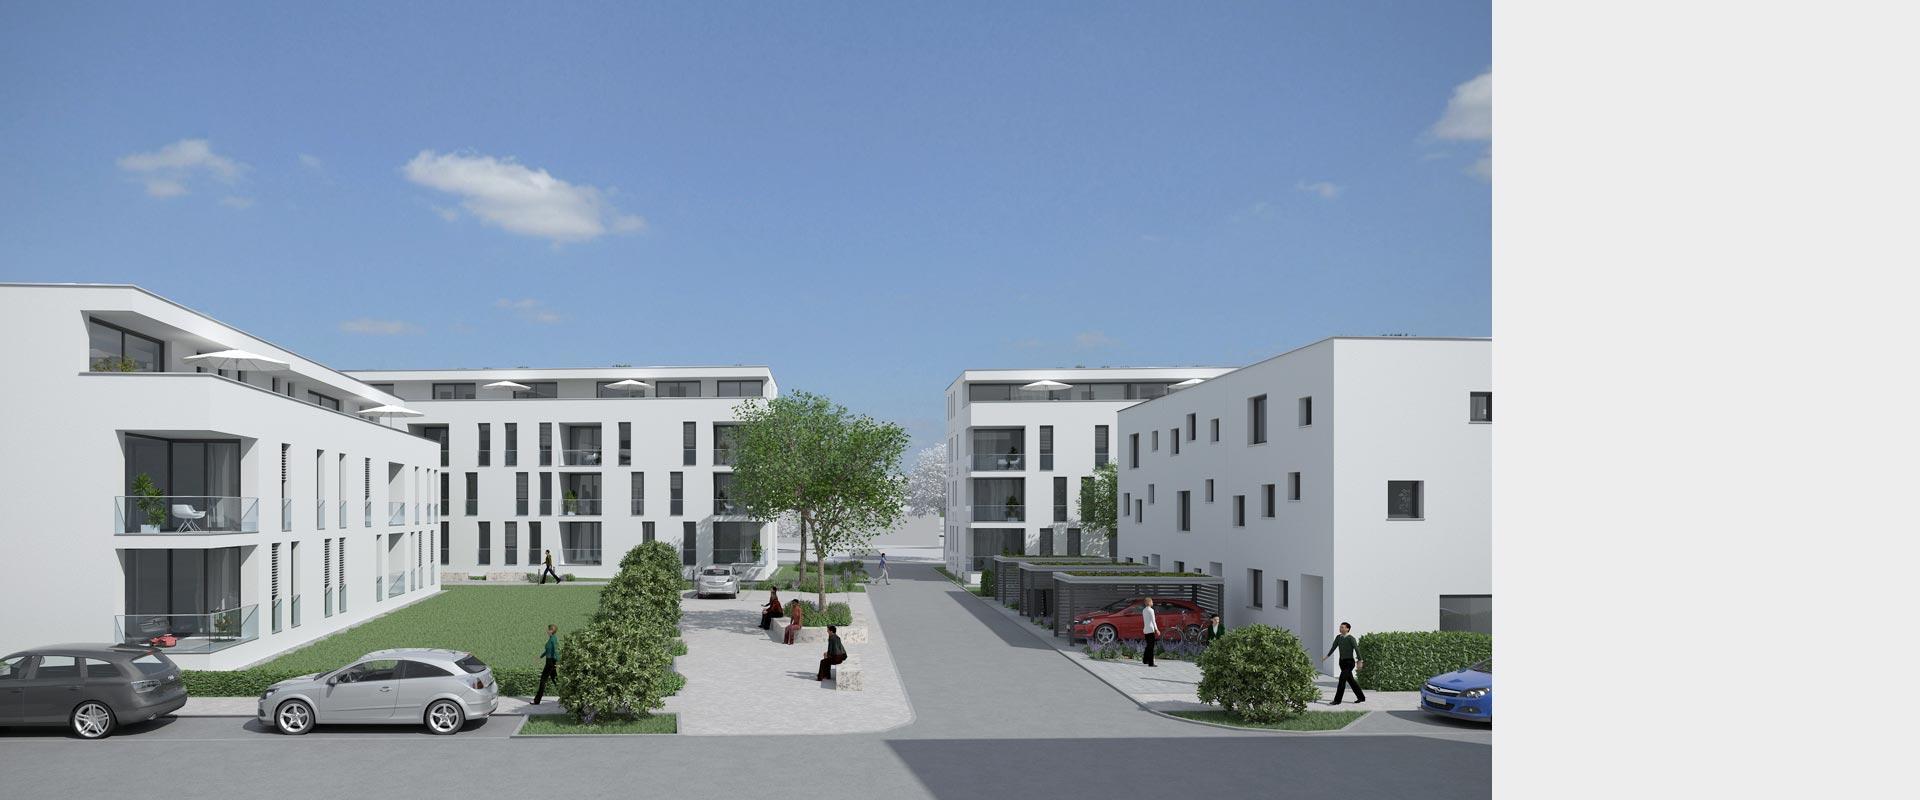 Architekturbüro Musahl Waldshut Wohnanlage Riedpark in Lauchringen 3D